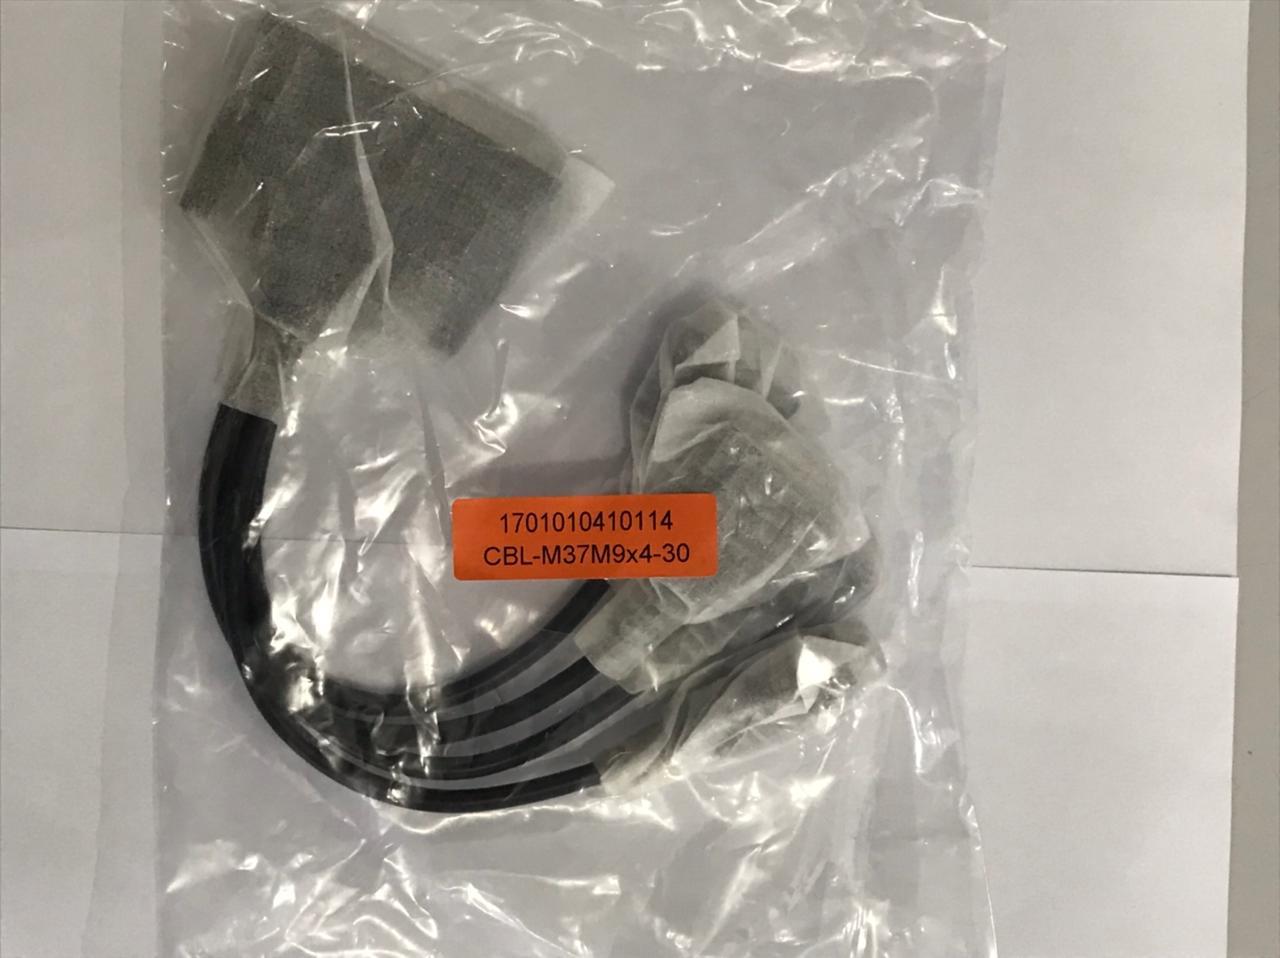 C104HS/PCI-DB9M - Placa Multiserial Pci, Com 4 Portas Rs-232, Proteção Esd 25Kv ContraSurto, Cabo Db9M Incluso